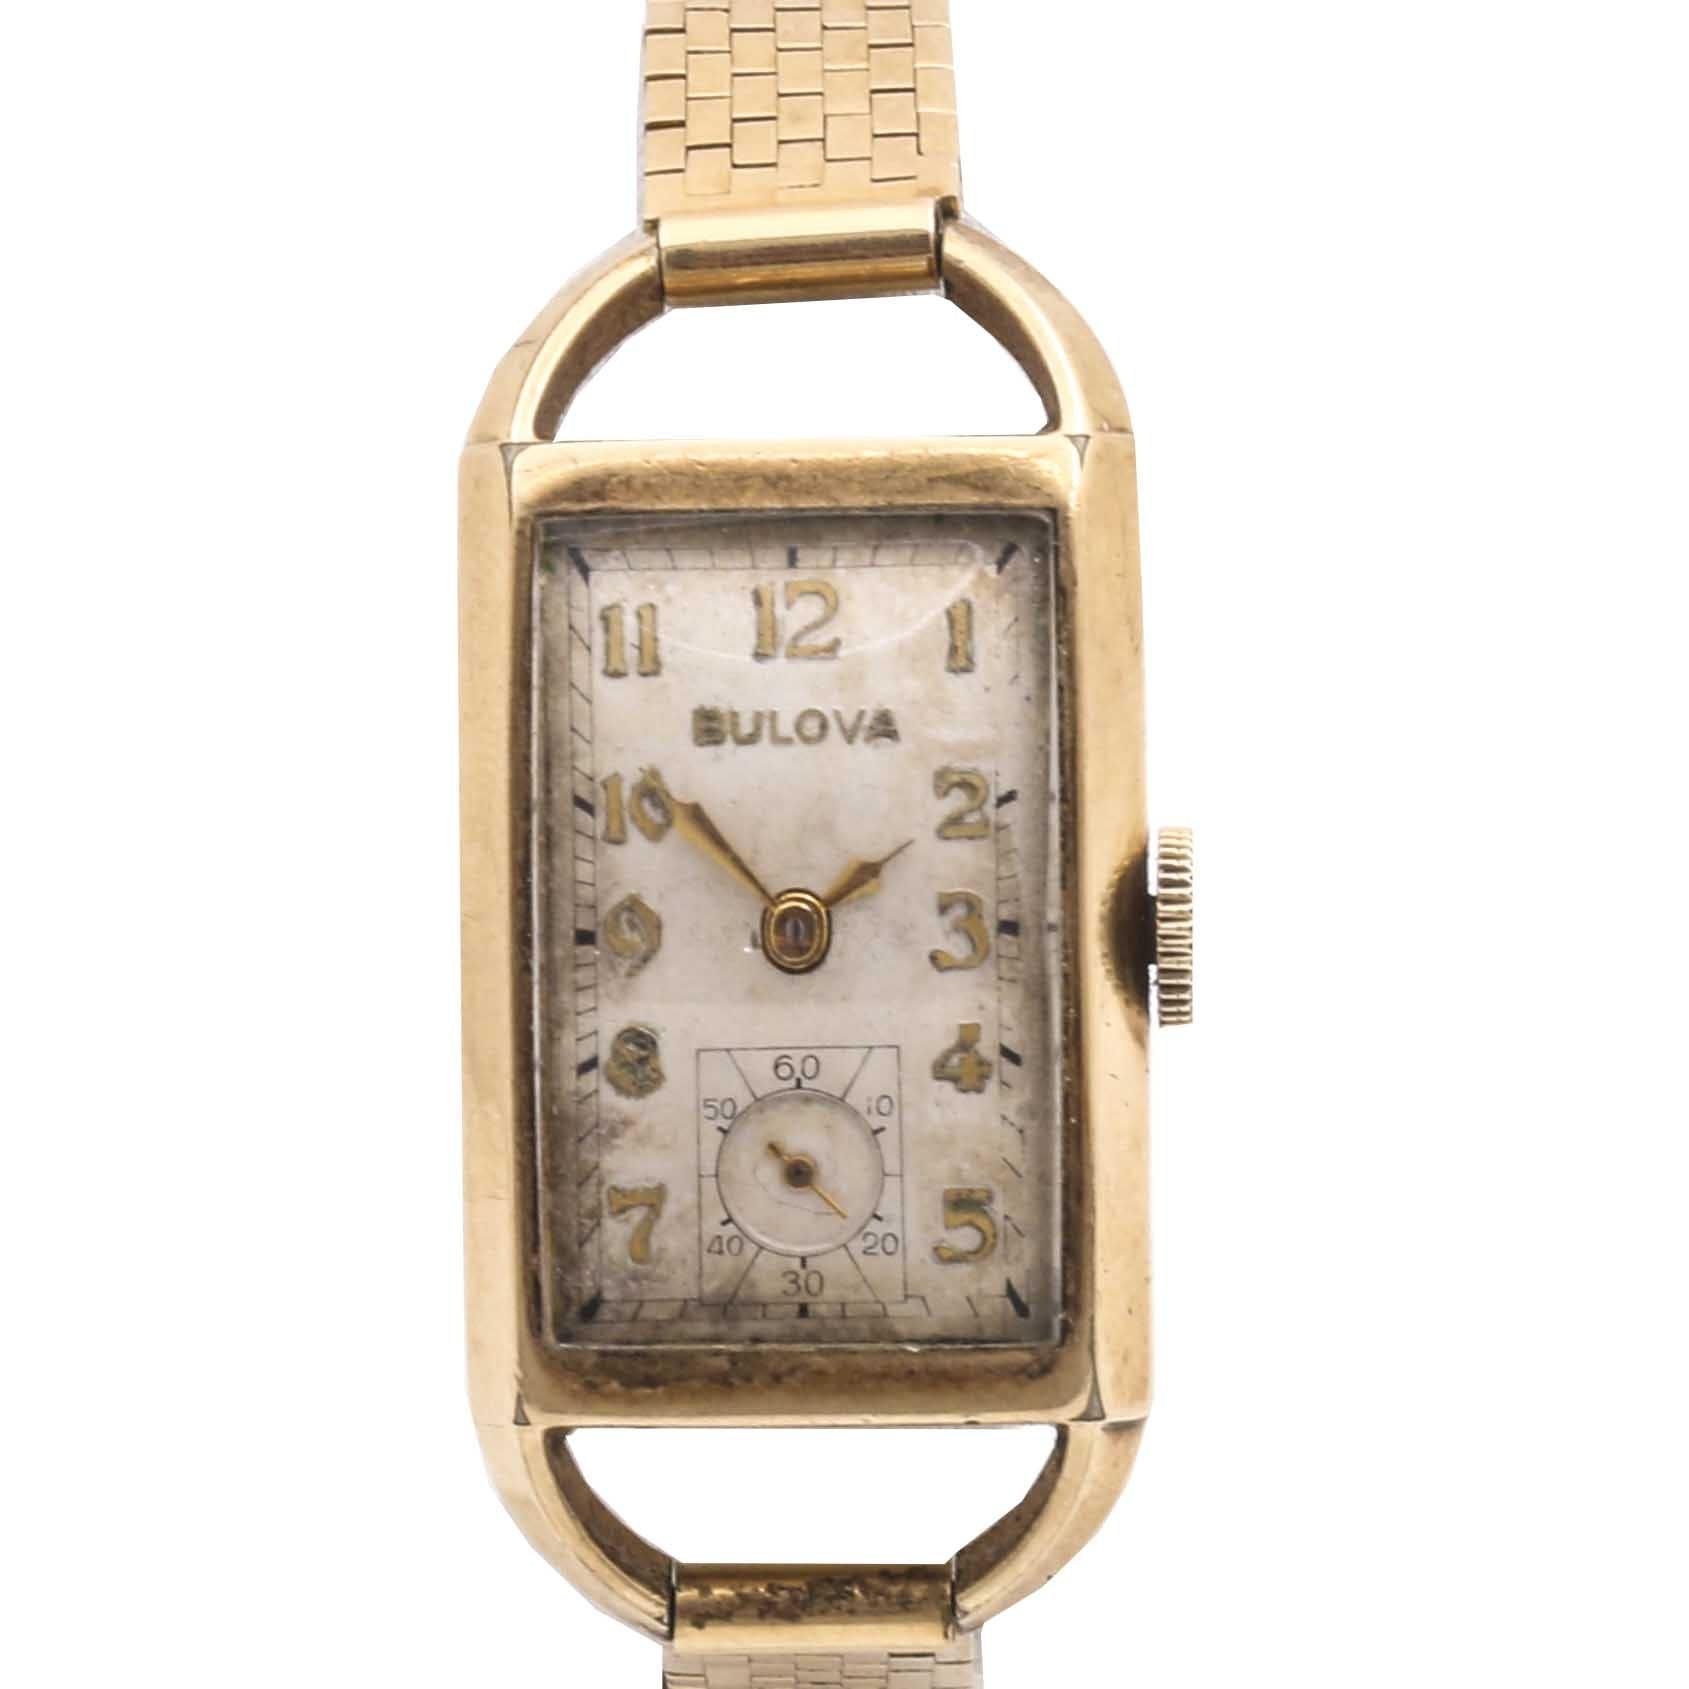 Bulova 10K Yellow Gold Filled Analog Wristwatch